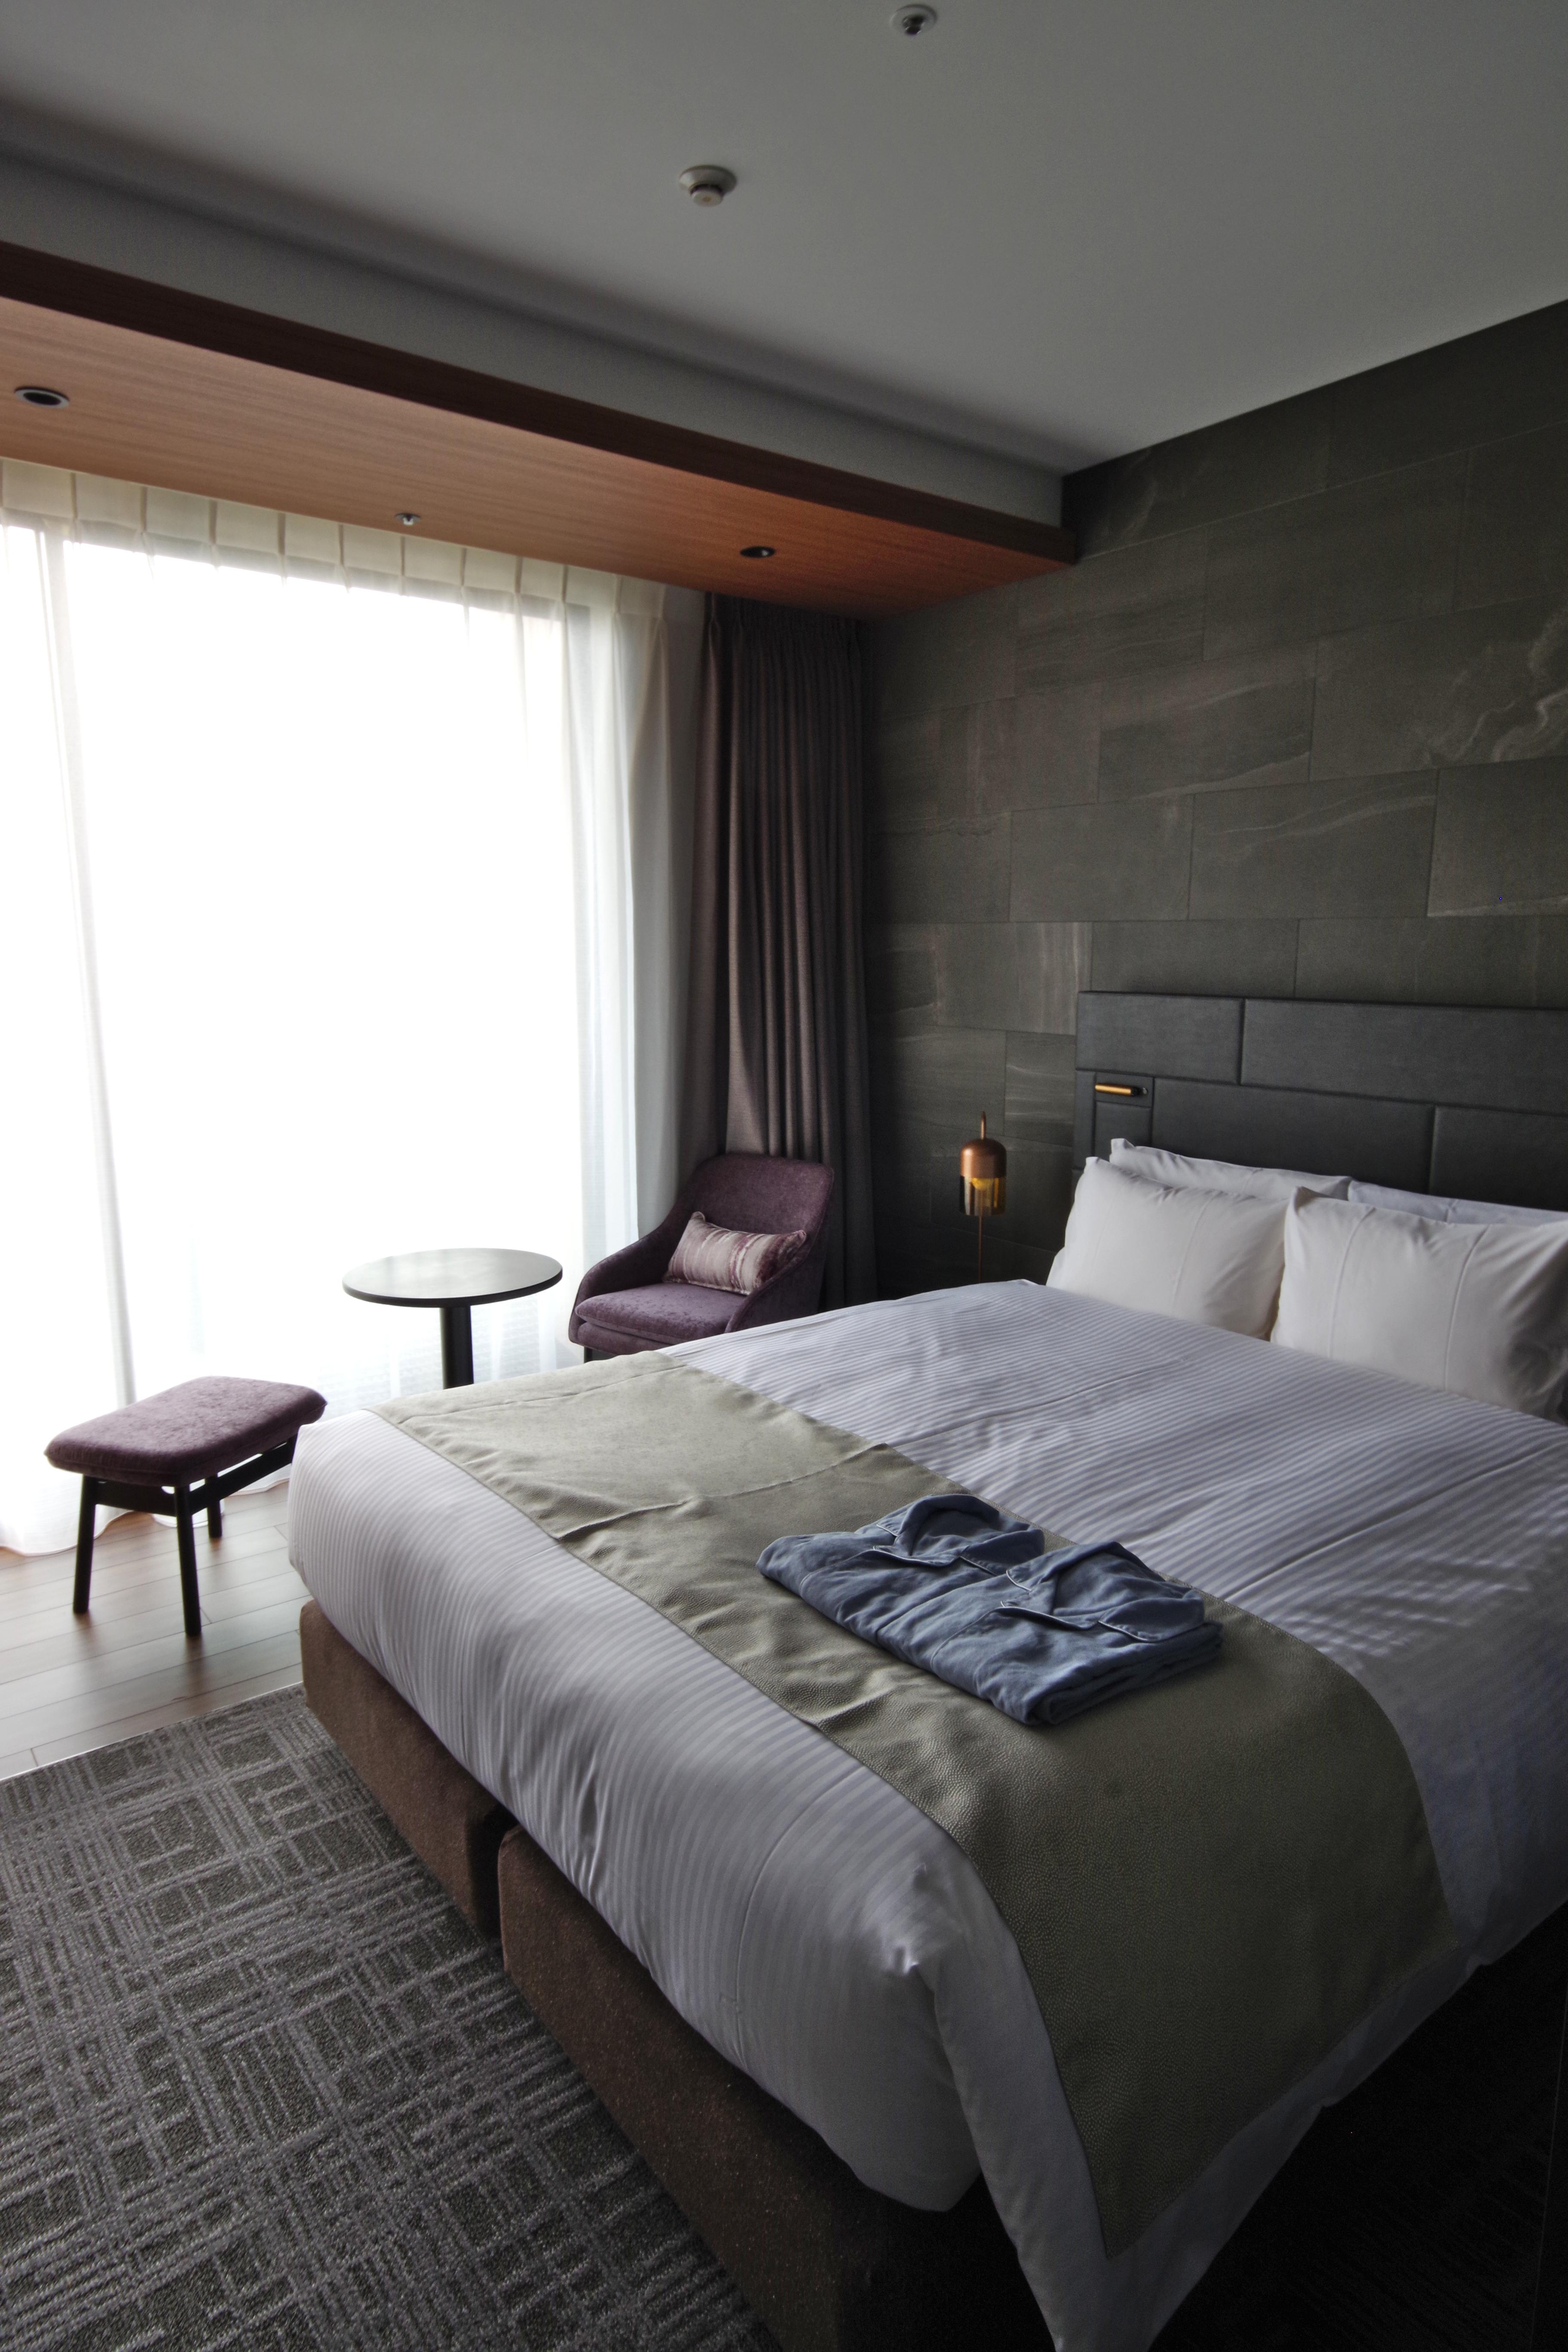 三井ガーデンホテル神宮外苑の杜 客室画像①